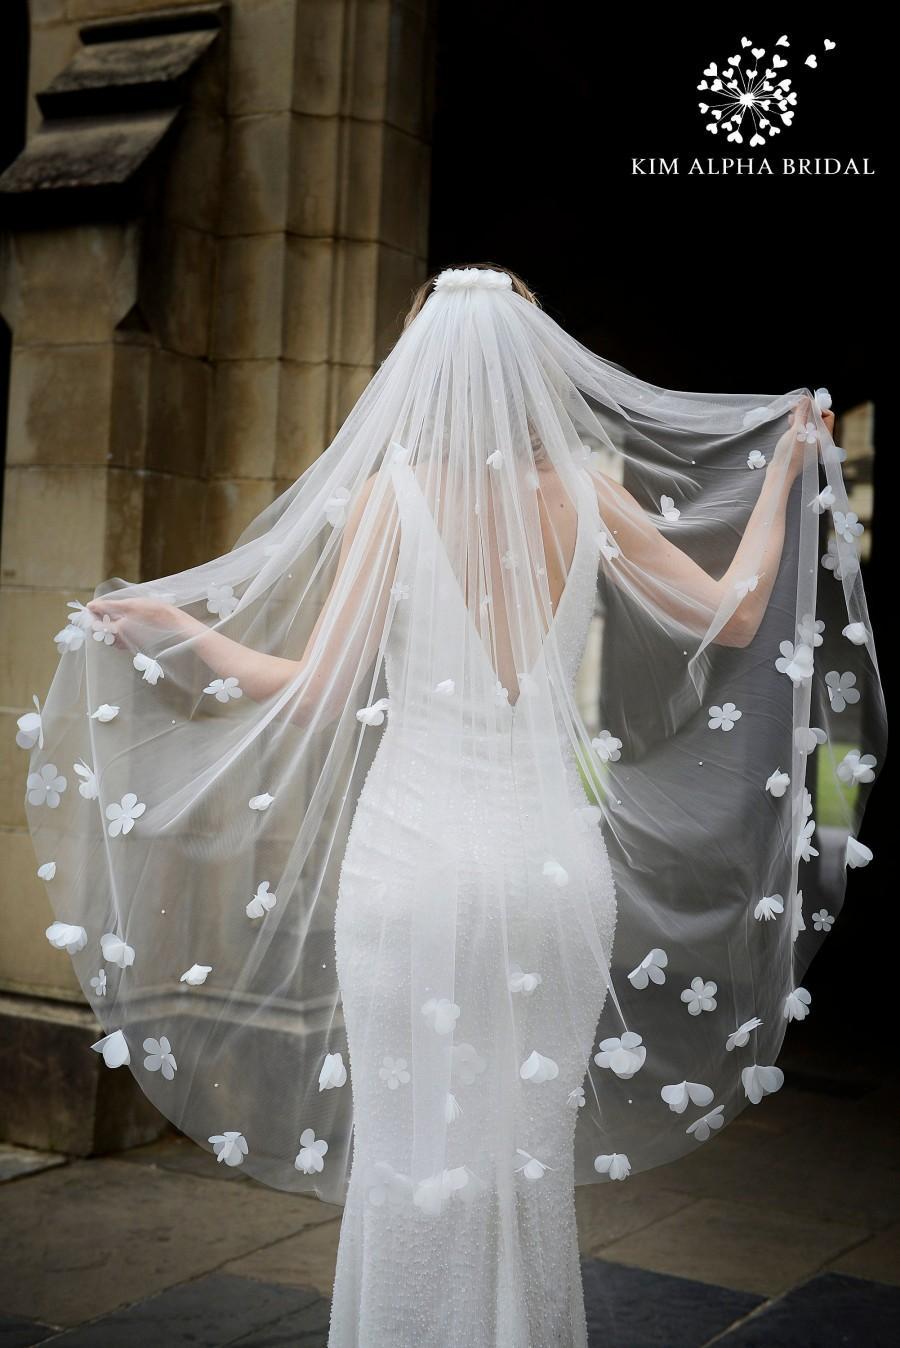 Mariage - AURORA veil, floral veil, flower veil, fingertip veil, glitter veil, sparkle veil, bridal veil, wedding veil, custom veil